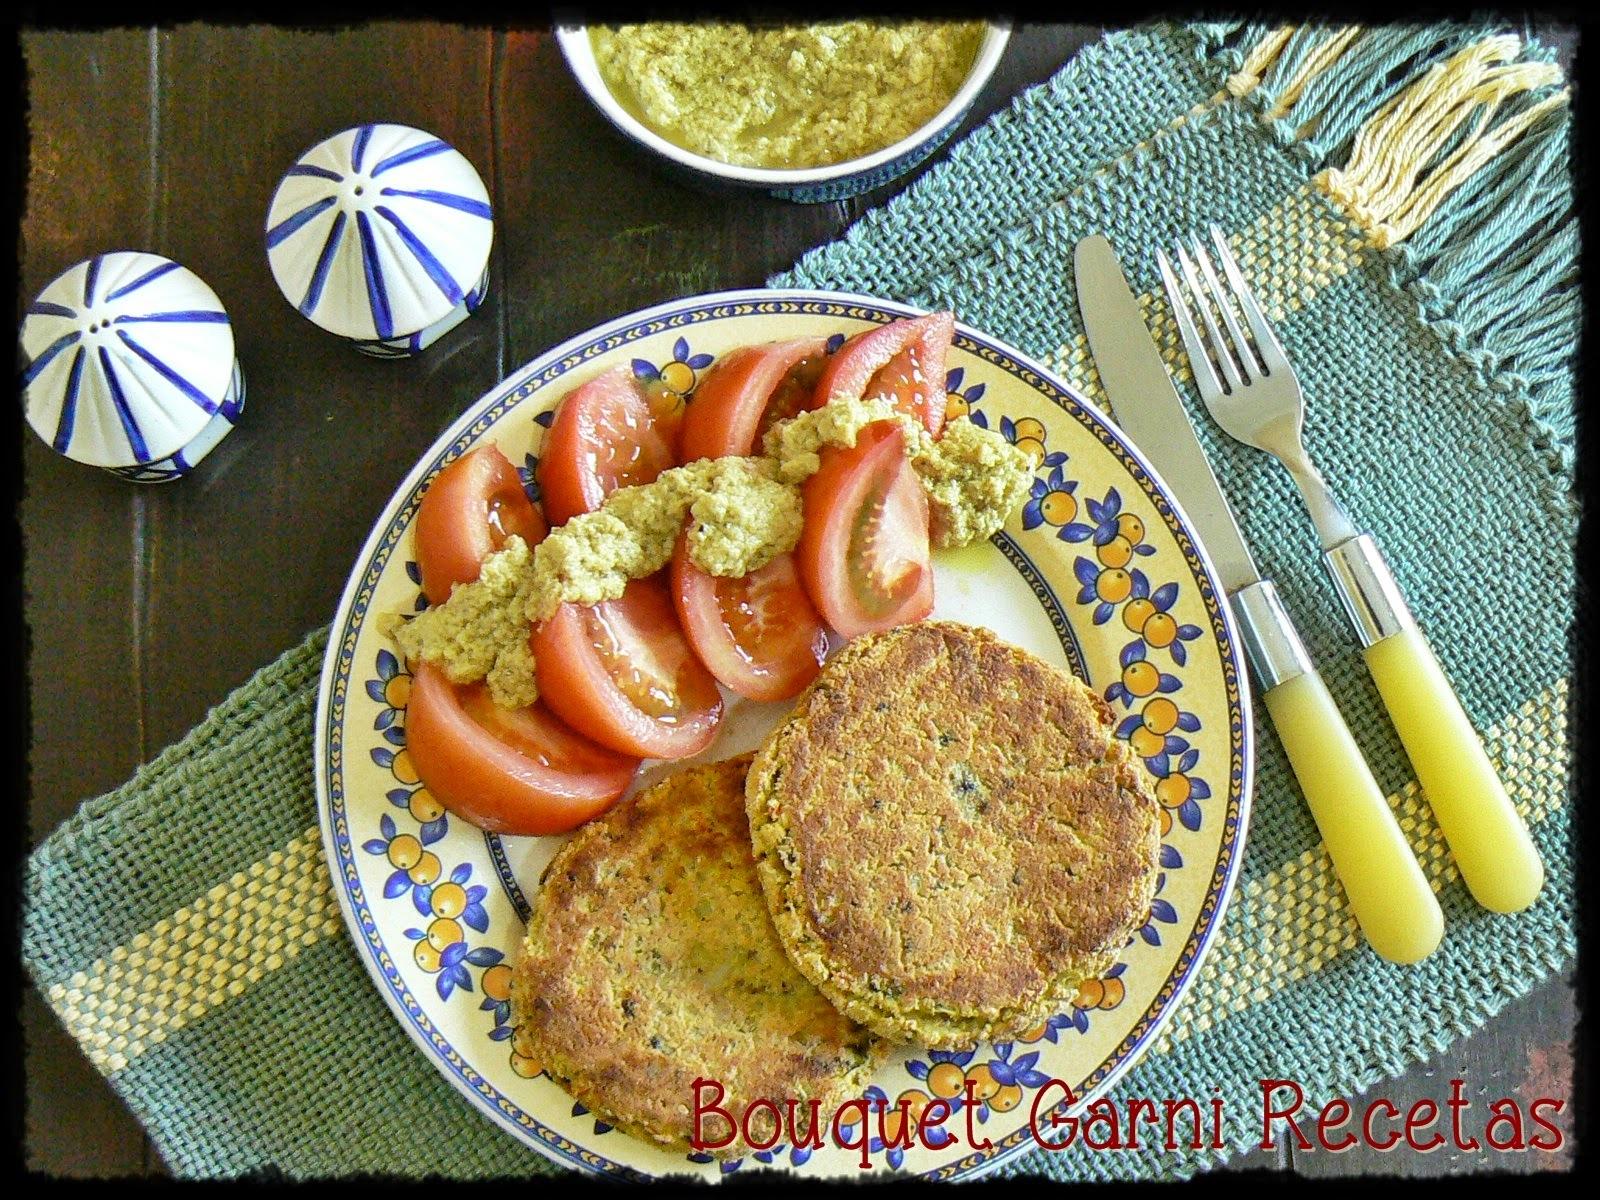 Hamburguesas de garbanzos, arroz integral y vegetales con aderezo al Masala